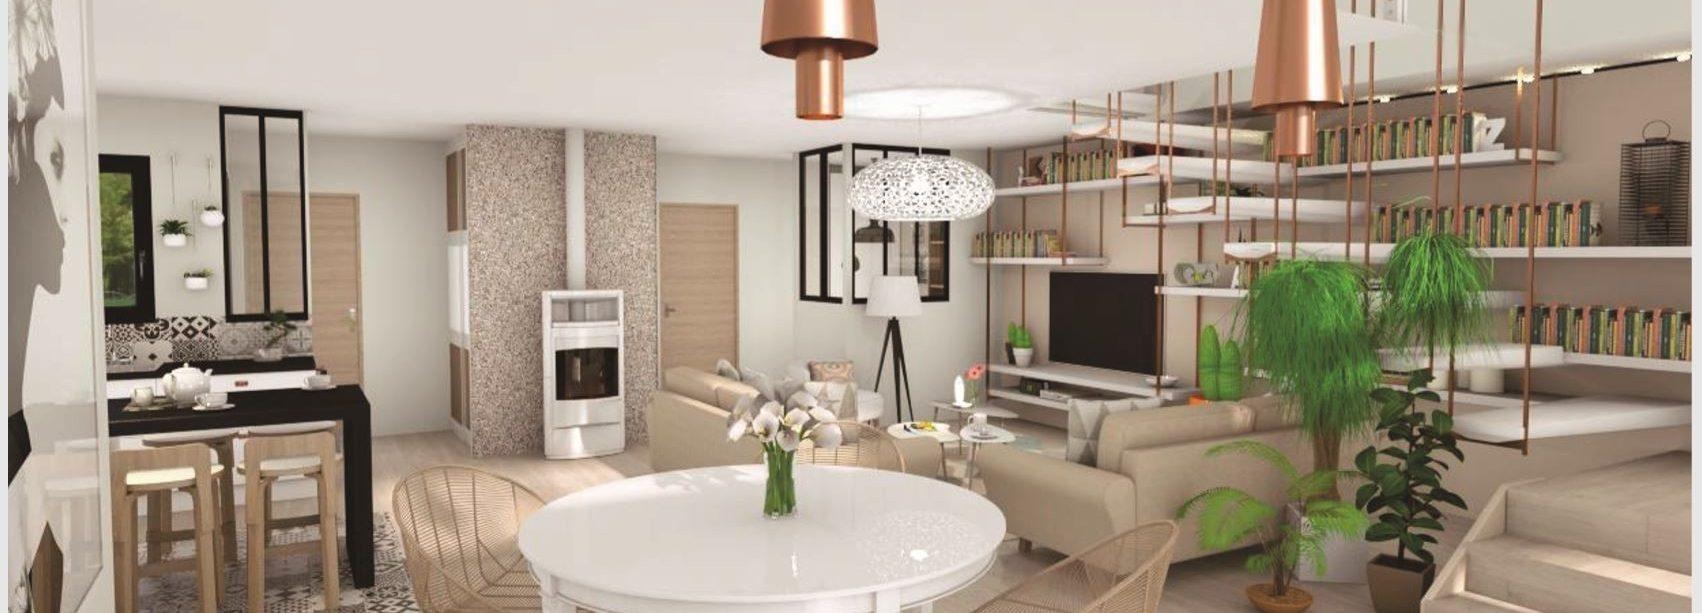 architecte d'intérieur, home staging et décorateur intérieur